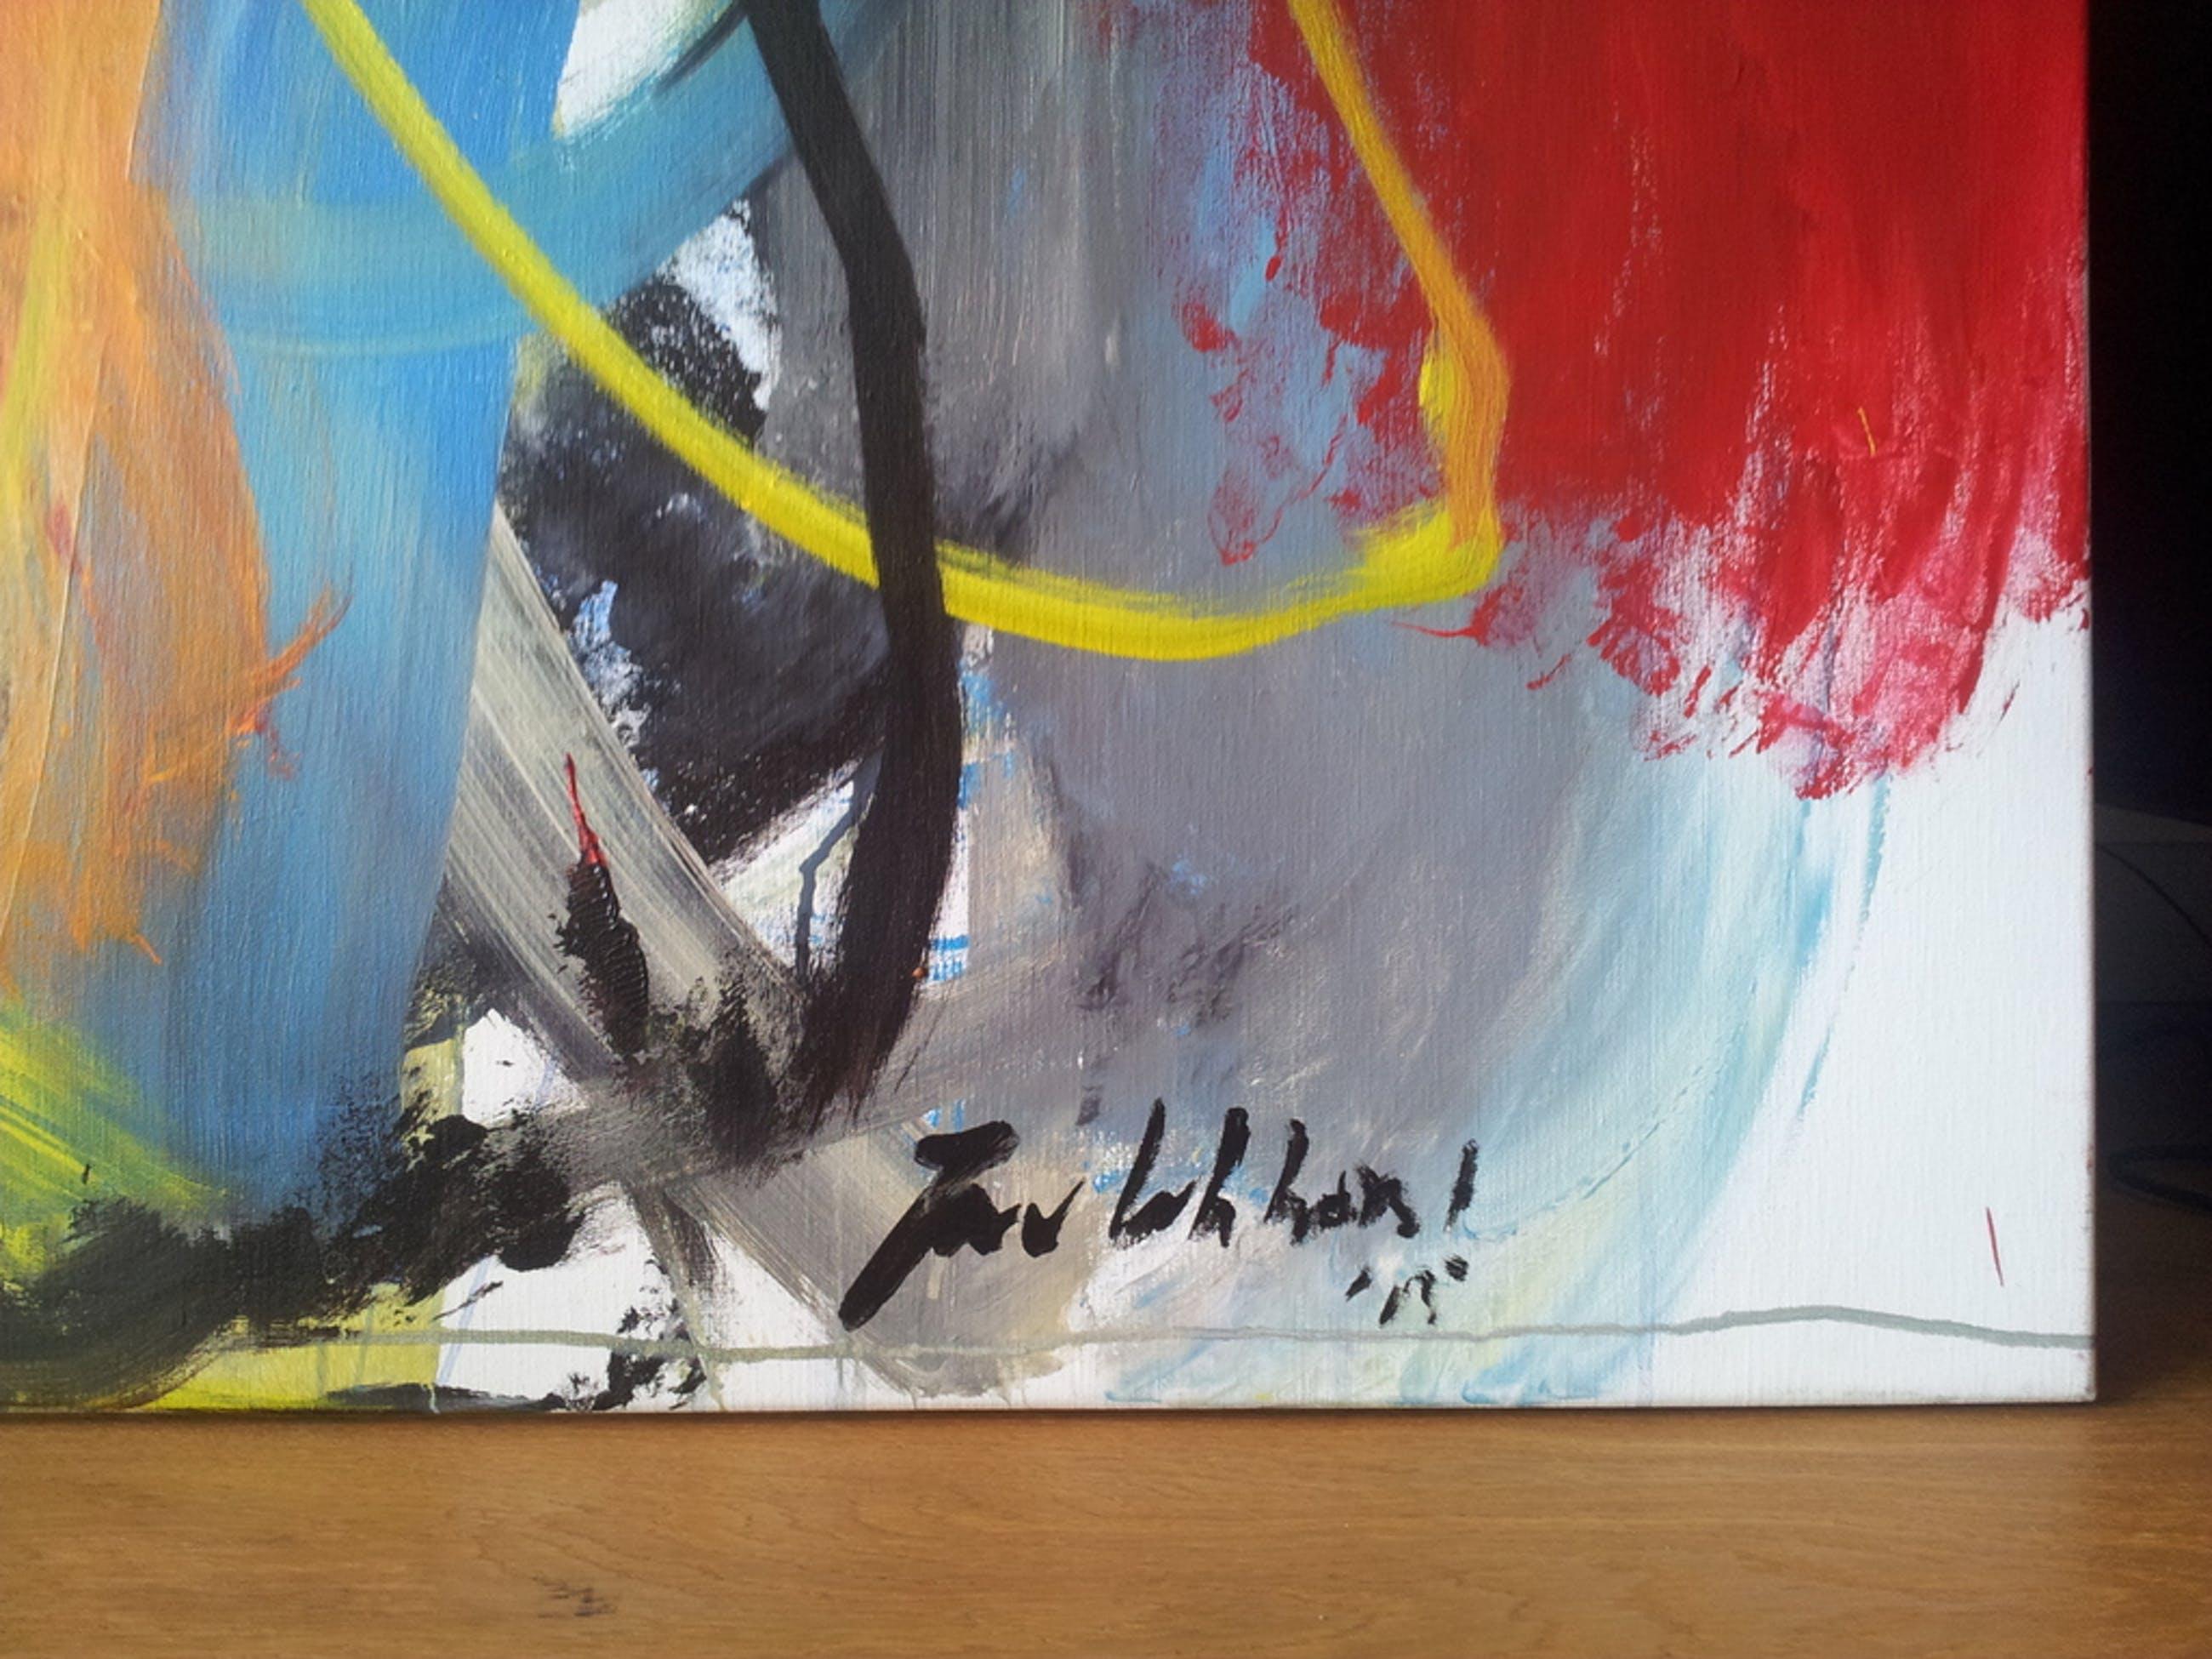 Jan van Lokhorst: Acrylverf op doek, werk zonder titel (JVL-00129) kopen? Bied vanaf 2000!